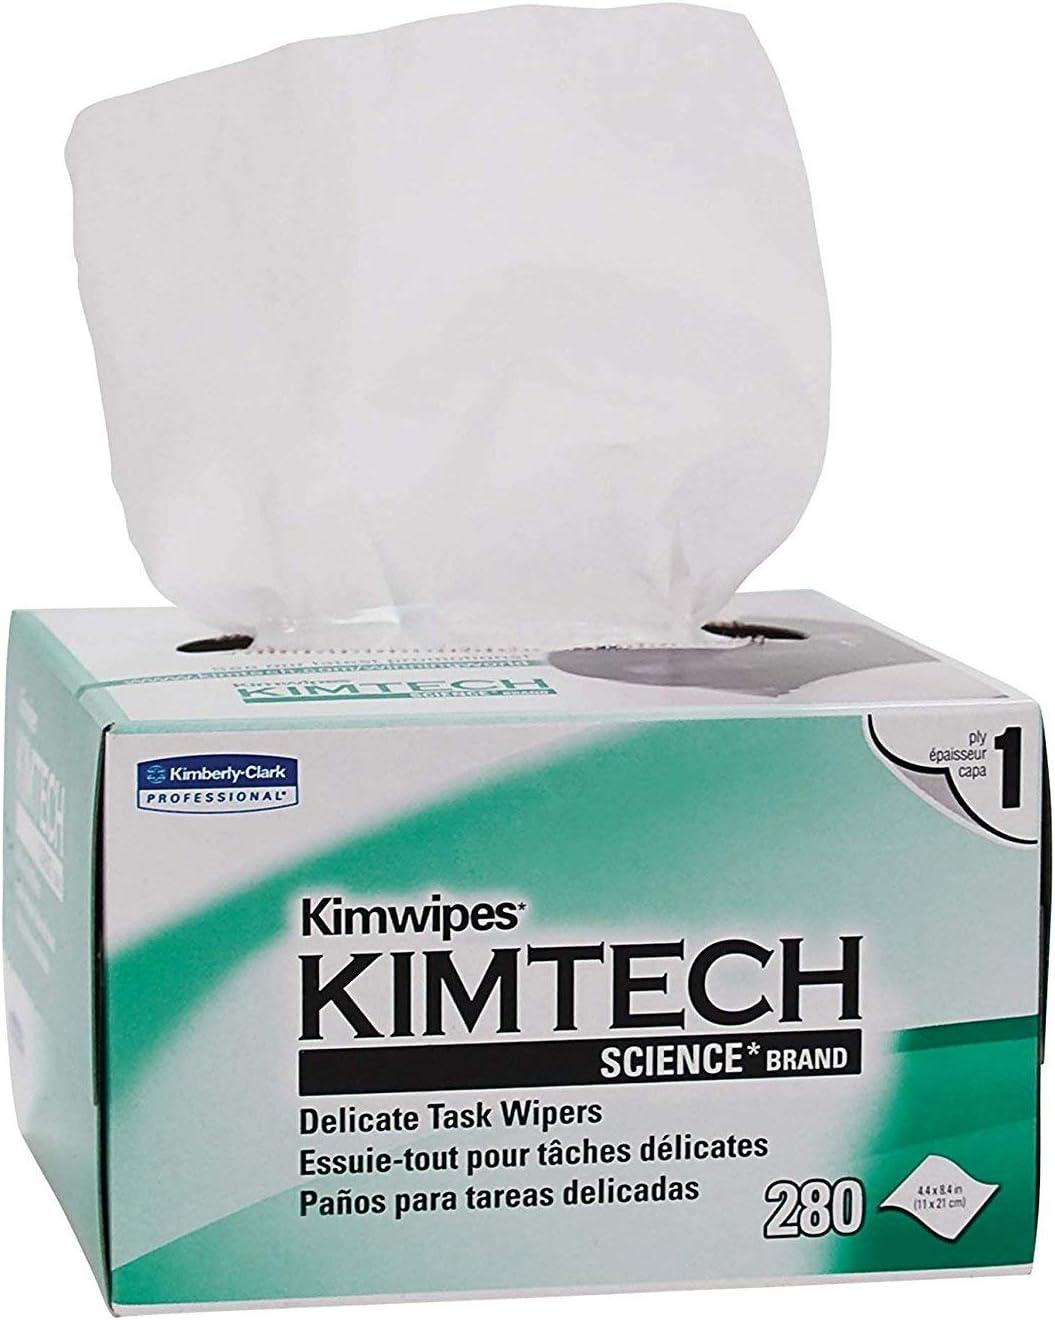 Kimwipes 4.5 x 8.5